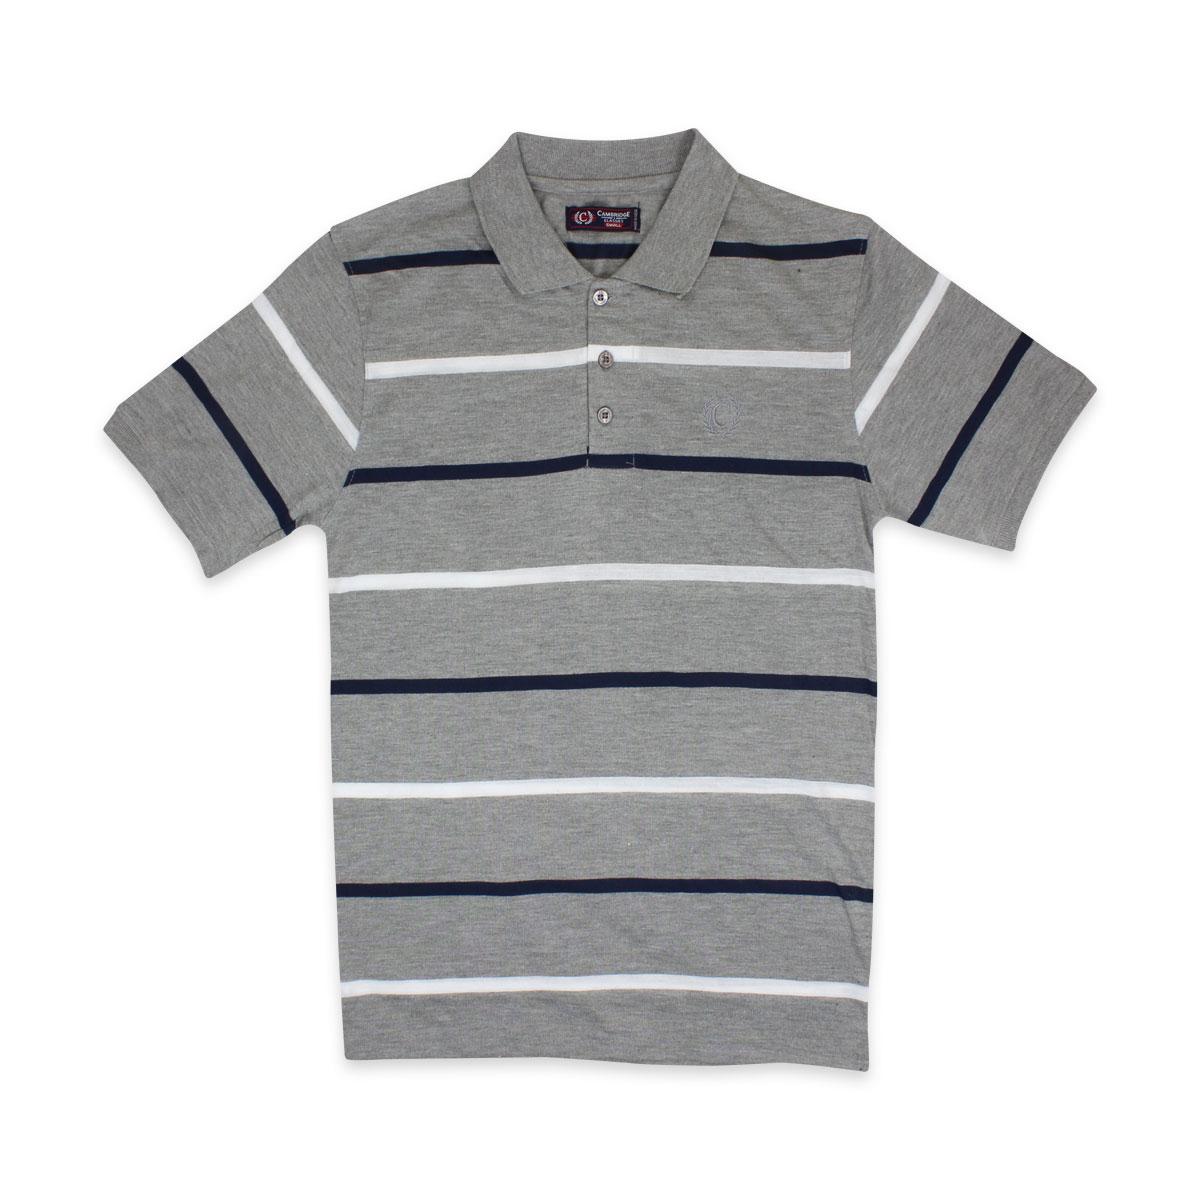 Camisas-Polo-Para-Hombre-A-Rayas-Pique-Con-Cuello-camiseta-Camiseta-Manga-Corta-De-Verano-S-M-L-XL miniatura 41